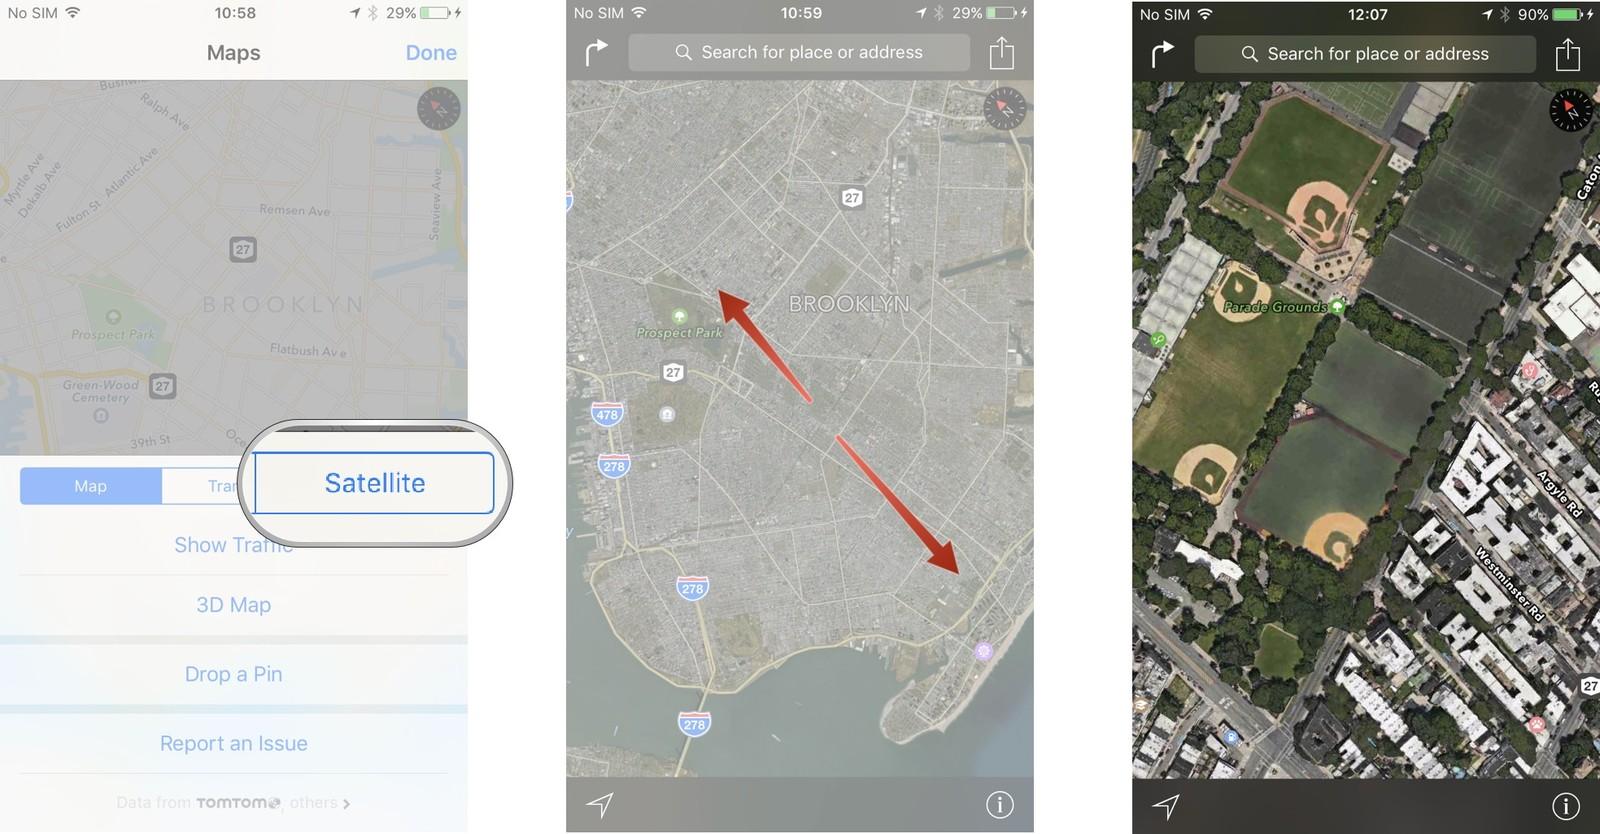 Как пользоваться Картами на iPhone и iPad - Вид со спутника